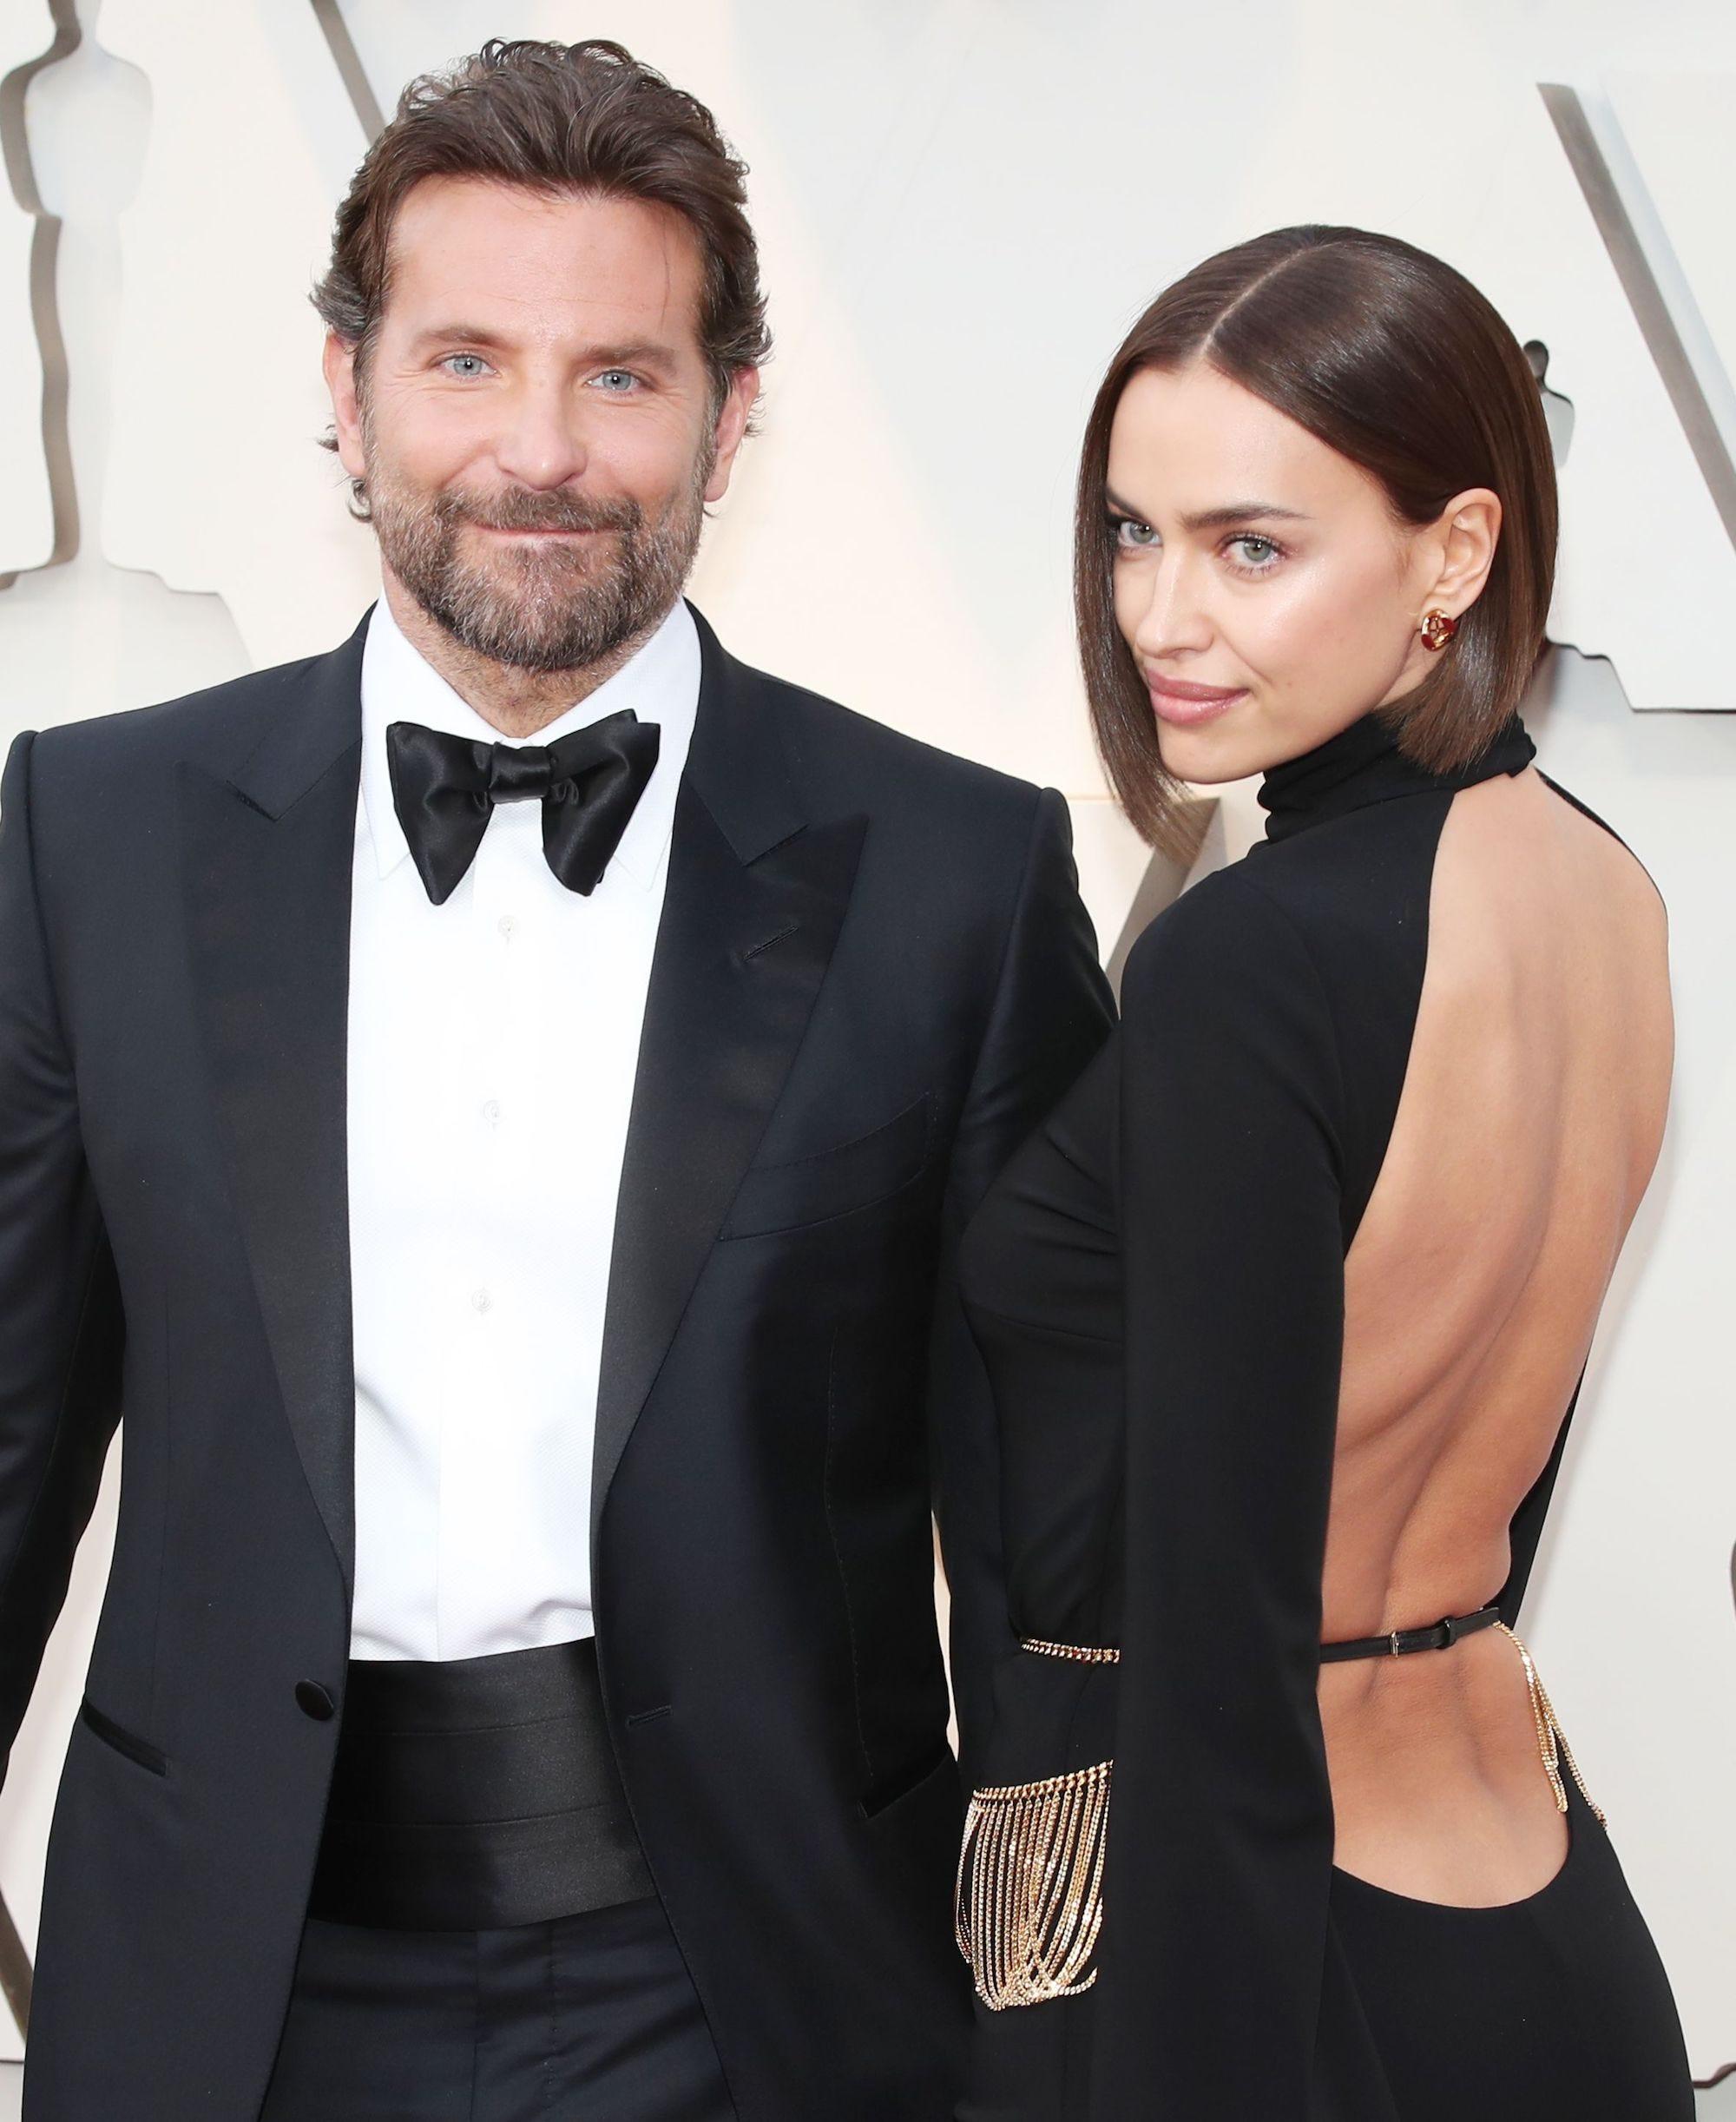 Bradley Cooper & Irina Shayk Have Broken Up